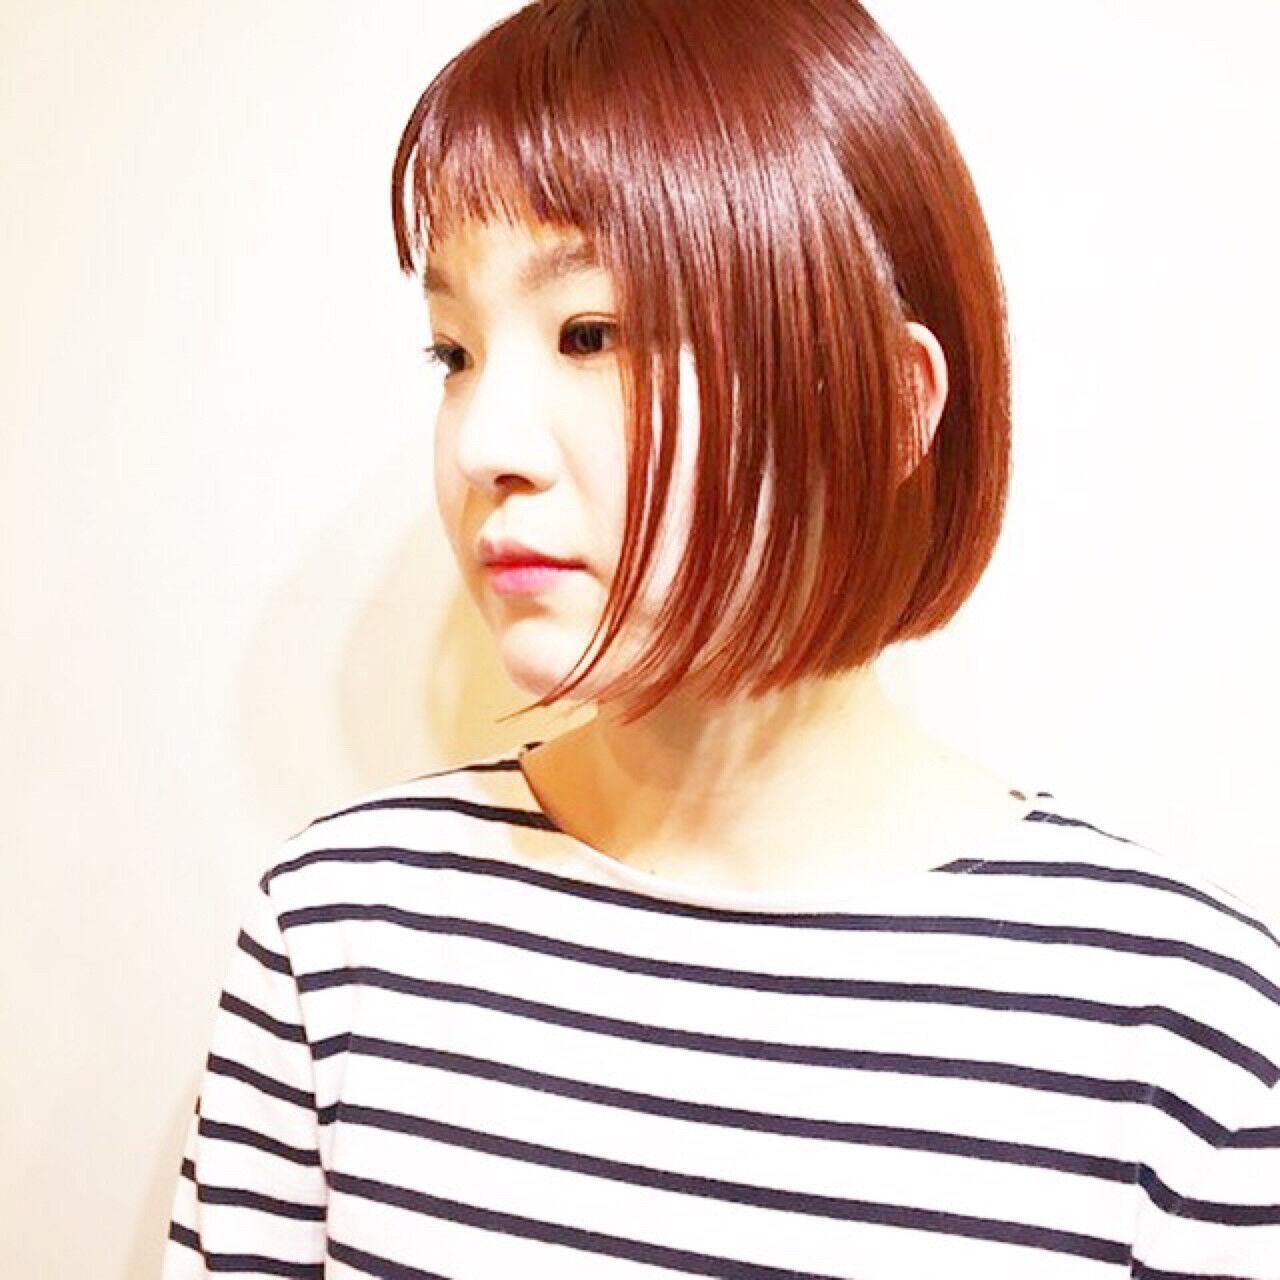 ニュアンス 小顔 マッシュ ストリートヘアスタイルや髪型の写真・画像